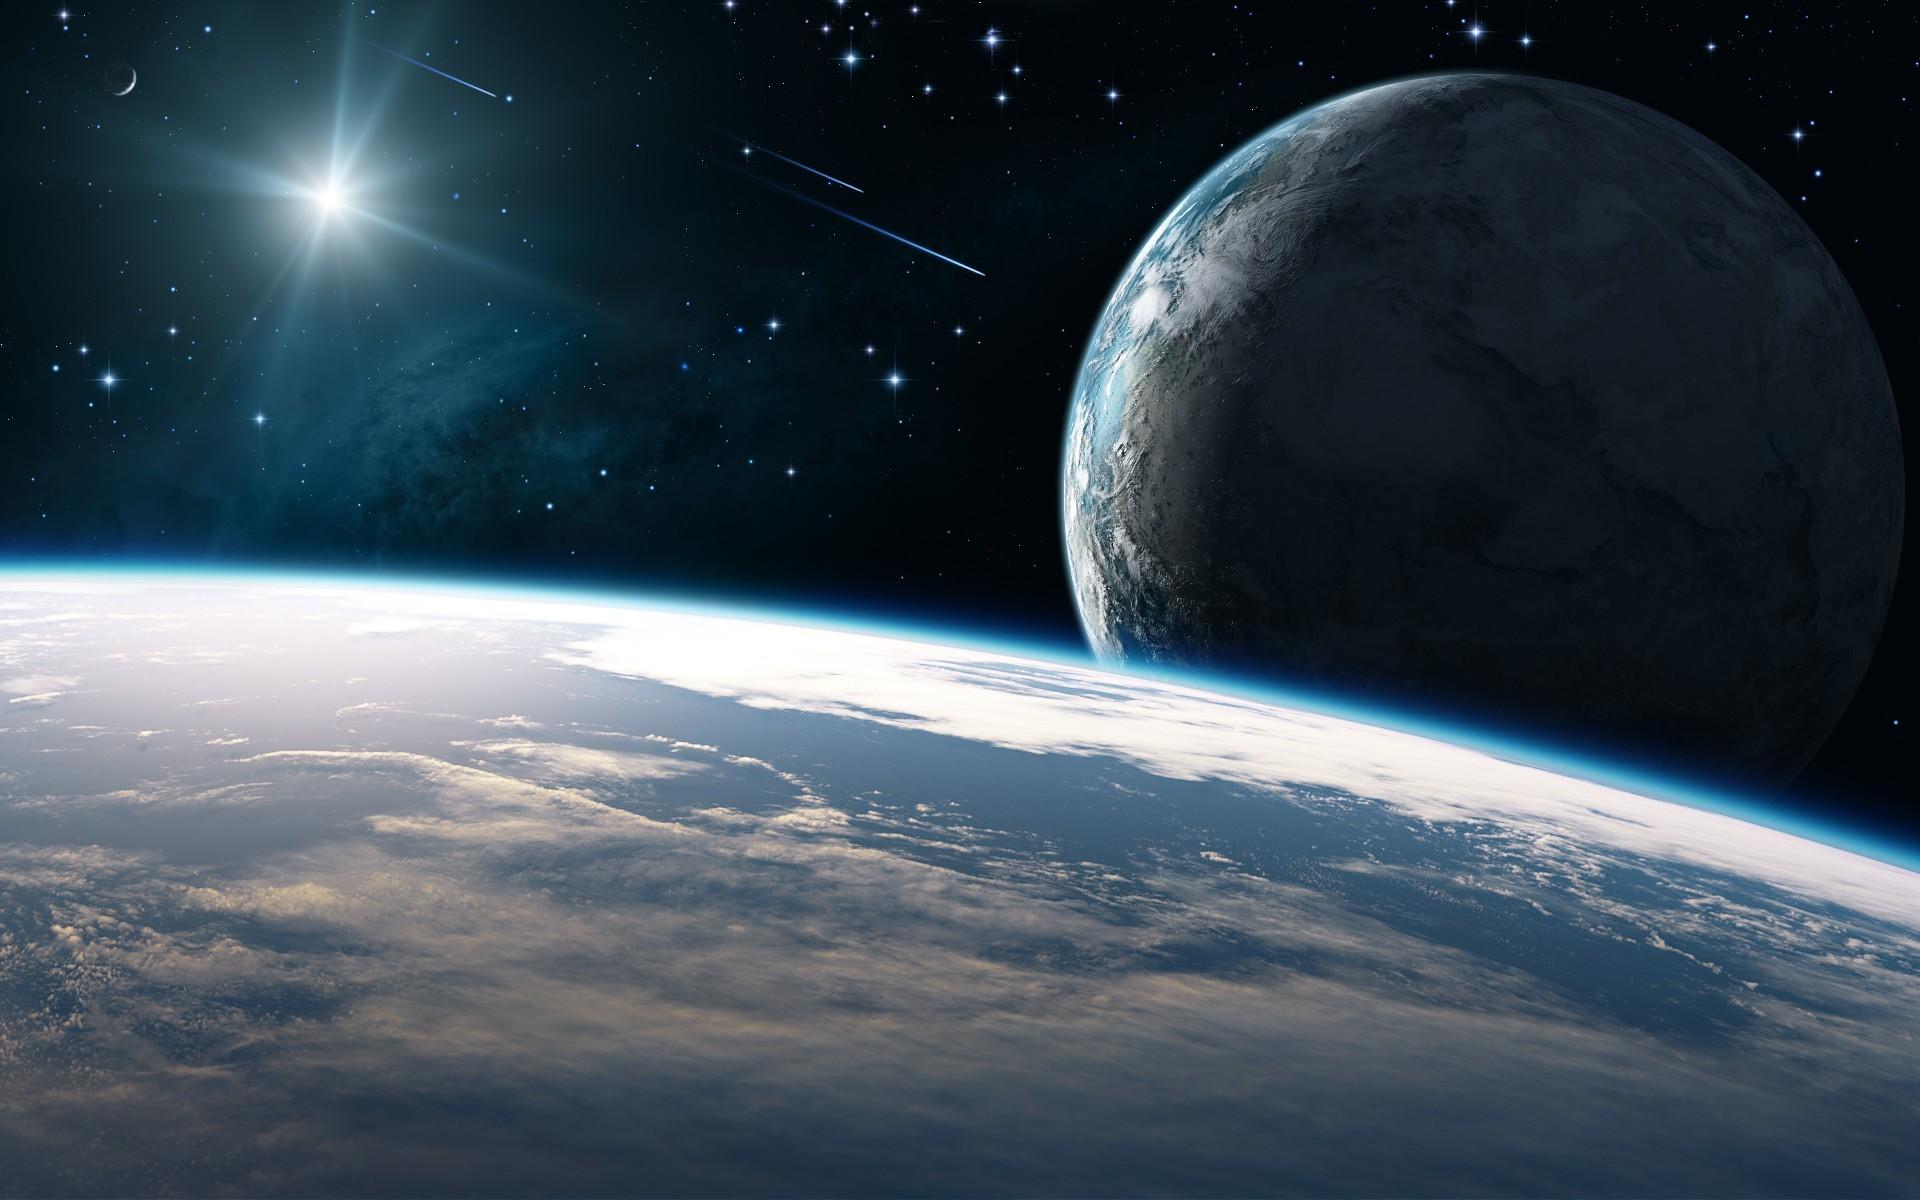 Обои Земля планета космос картинки на рабочий стол на тему Космос - скачать  № 3551586  скачать